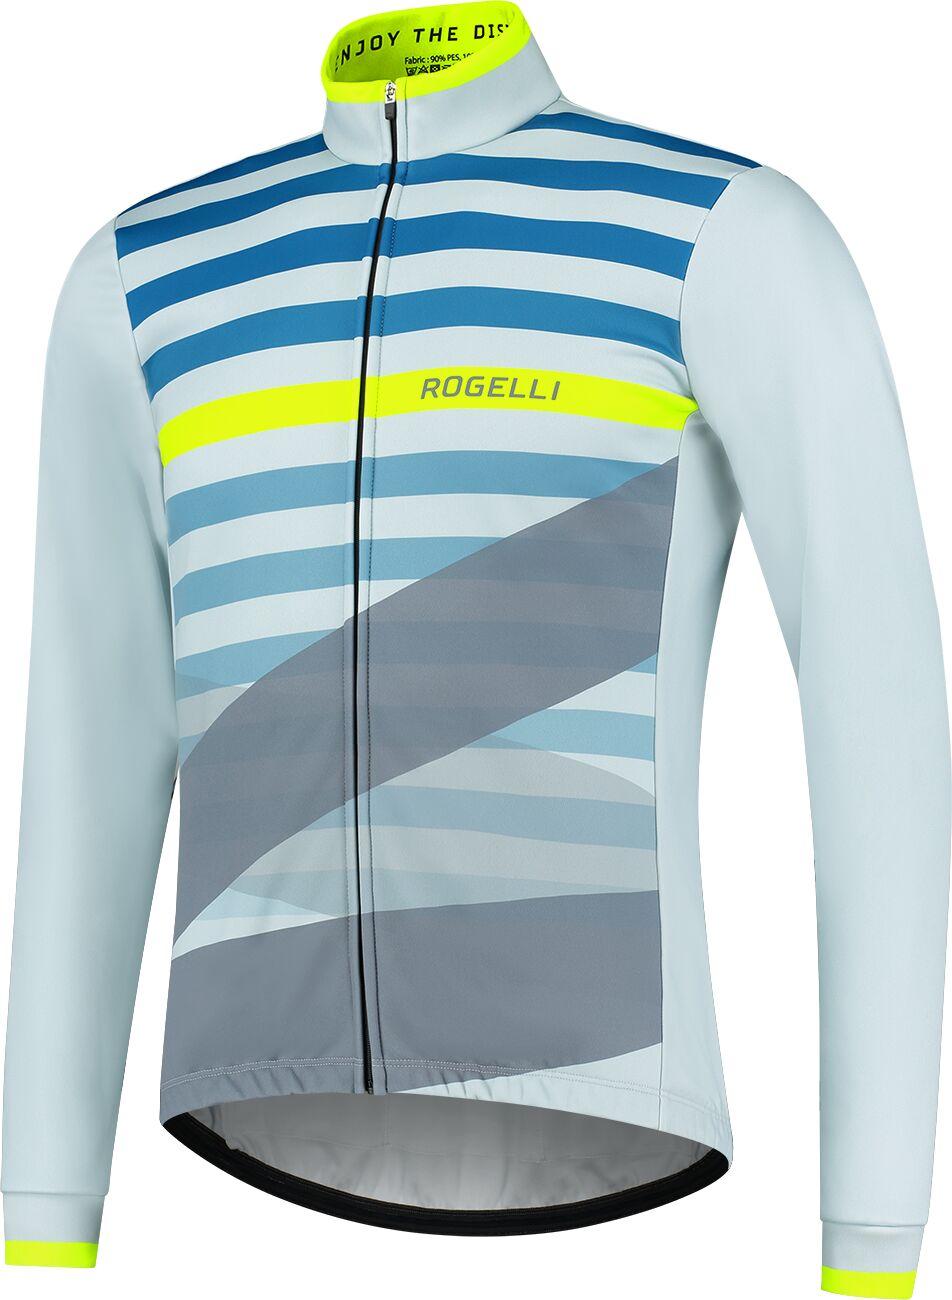 ROGELLI kurtka rowerowa zimowa STRIPE light blue ROG351040 Rozmiar: 2XL,SROG351040.S